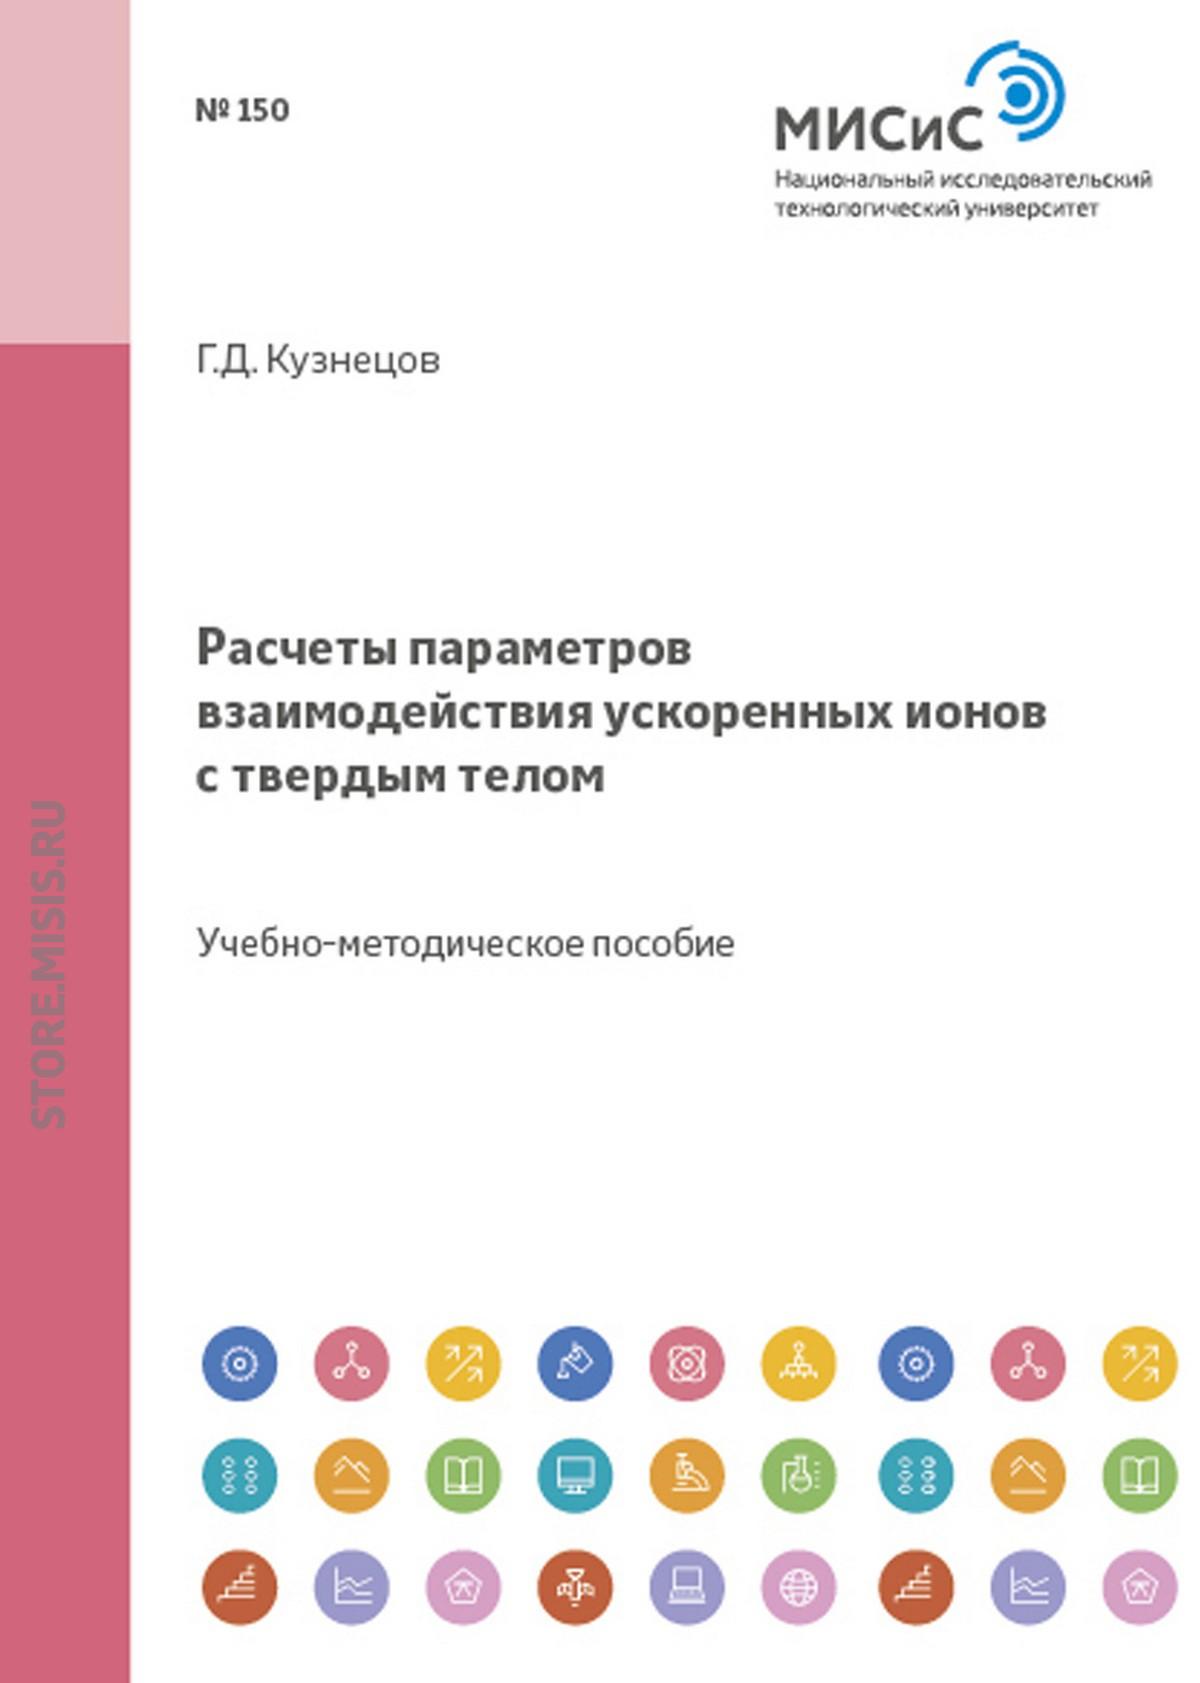 Геннадий Кузнецов Расчеты параметров взаимодействия ускоренных ионов с твердым телом анатолий чеканов расчеты и обеспечение надежности электронной аппаратуры